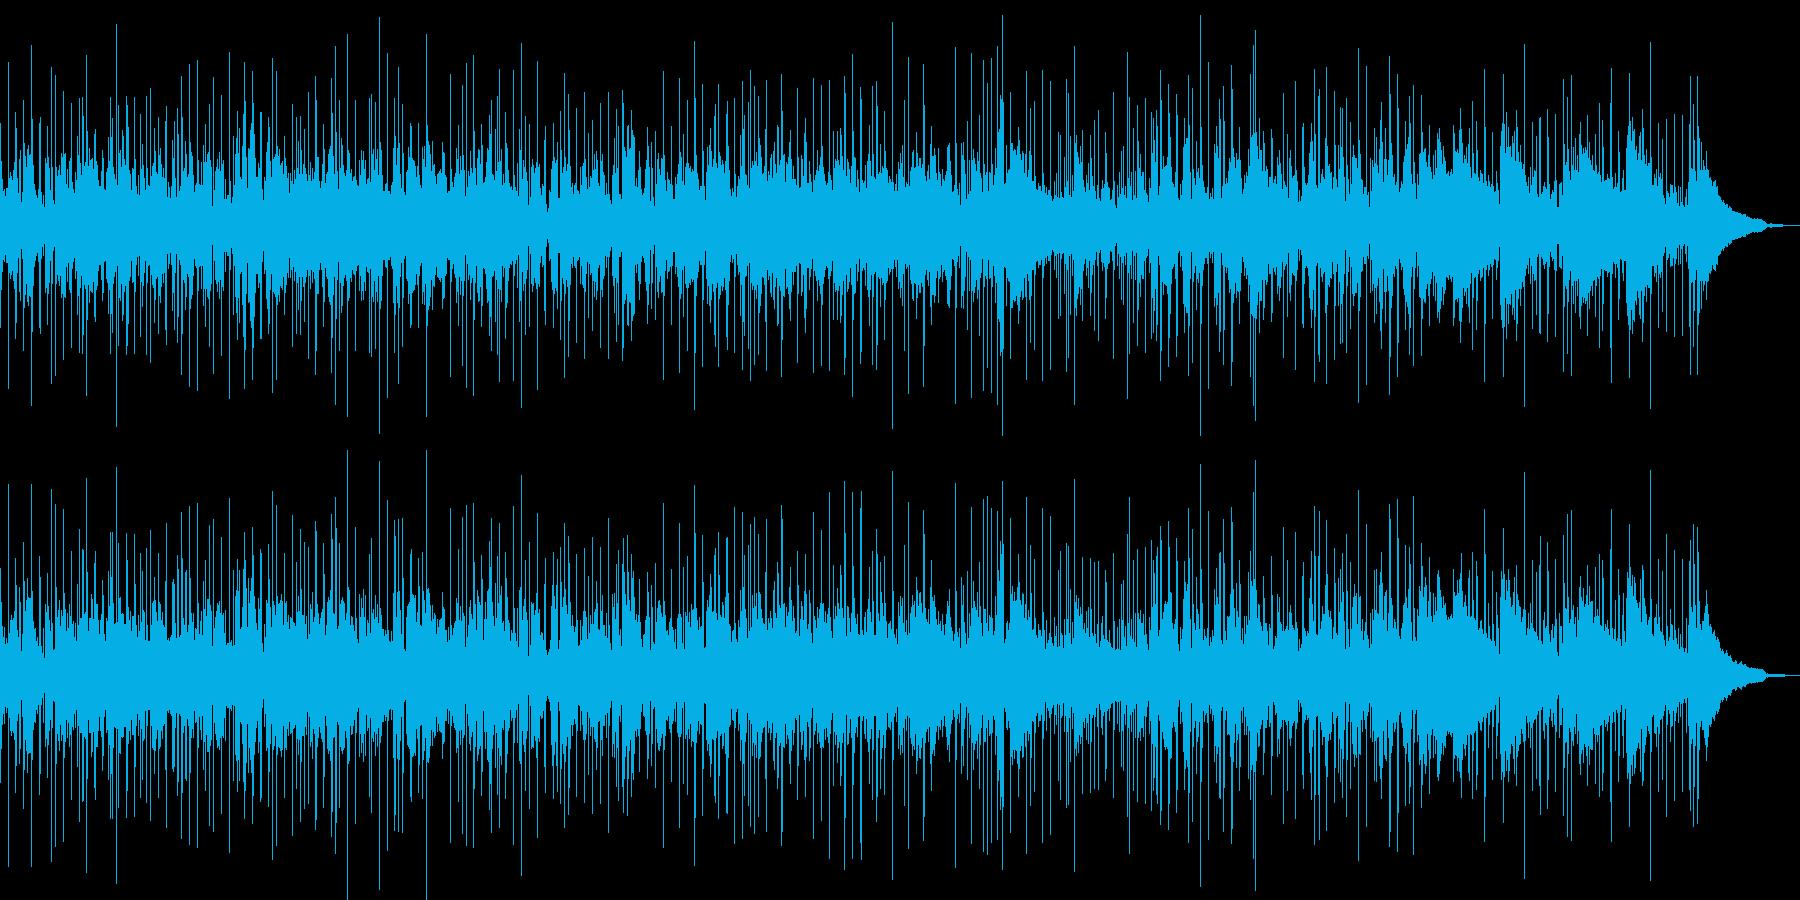 よくあるおしゃれ系ジャズフュージョンの再生済みの波形